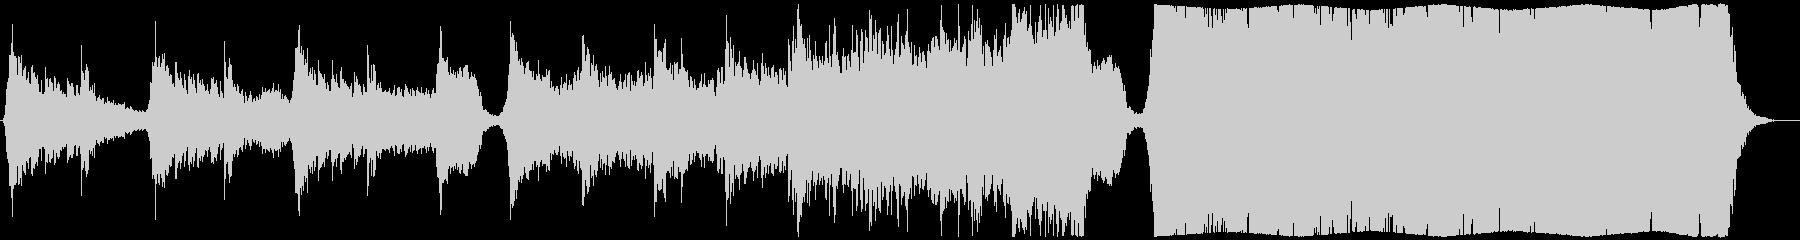 現代の交響曲 劇的な 神経質 厳S...の未再生の波形